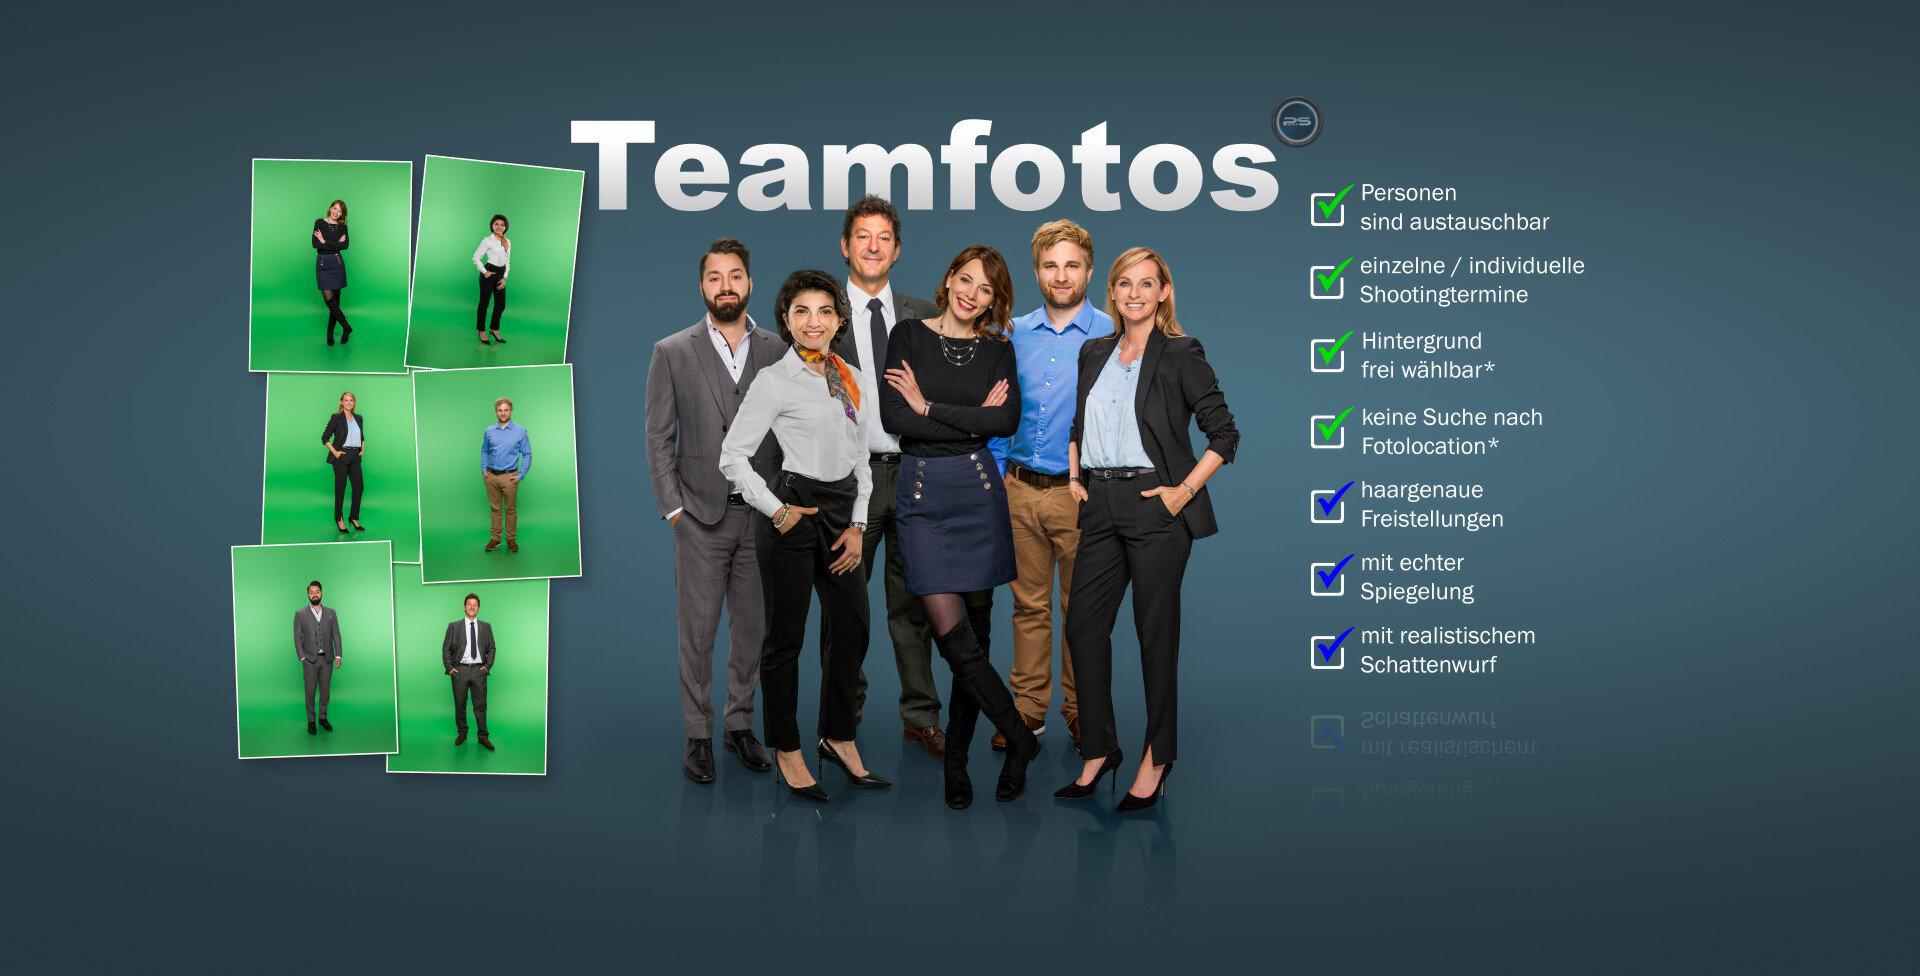 teamfotos-firmen-fotograf